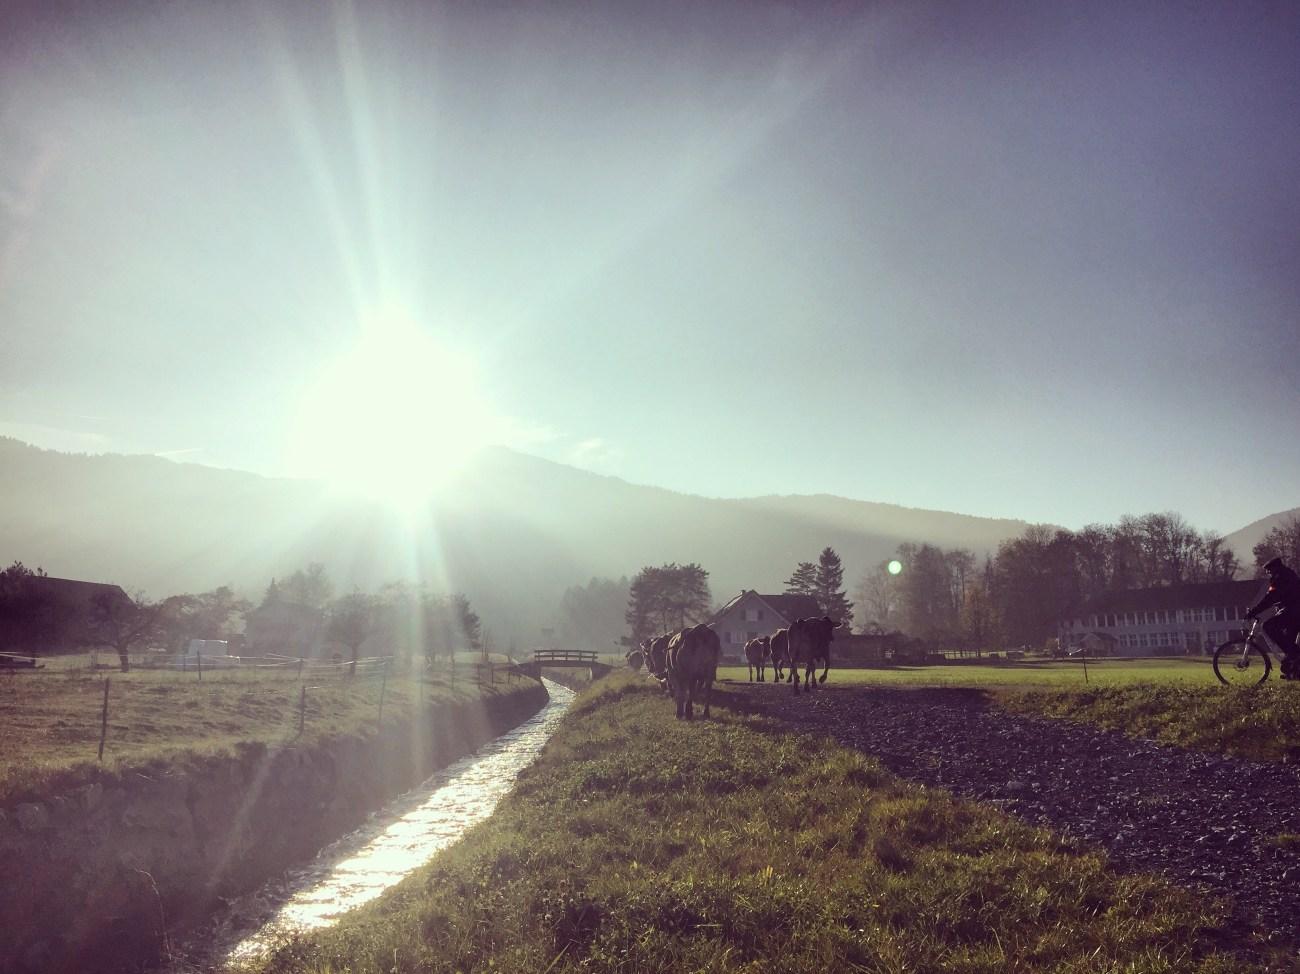 De boer kwam alleen aangefietst en haalde zijn vee van het land. Dat vonden we wel erg leuk.